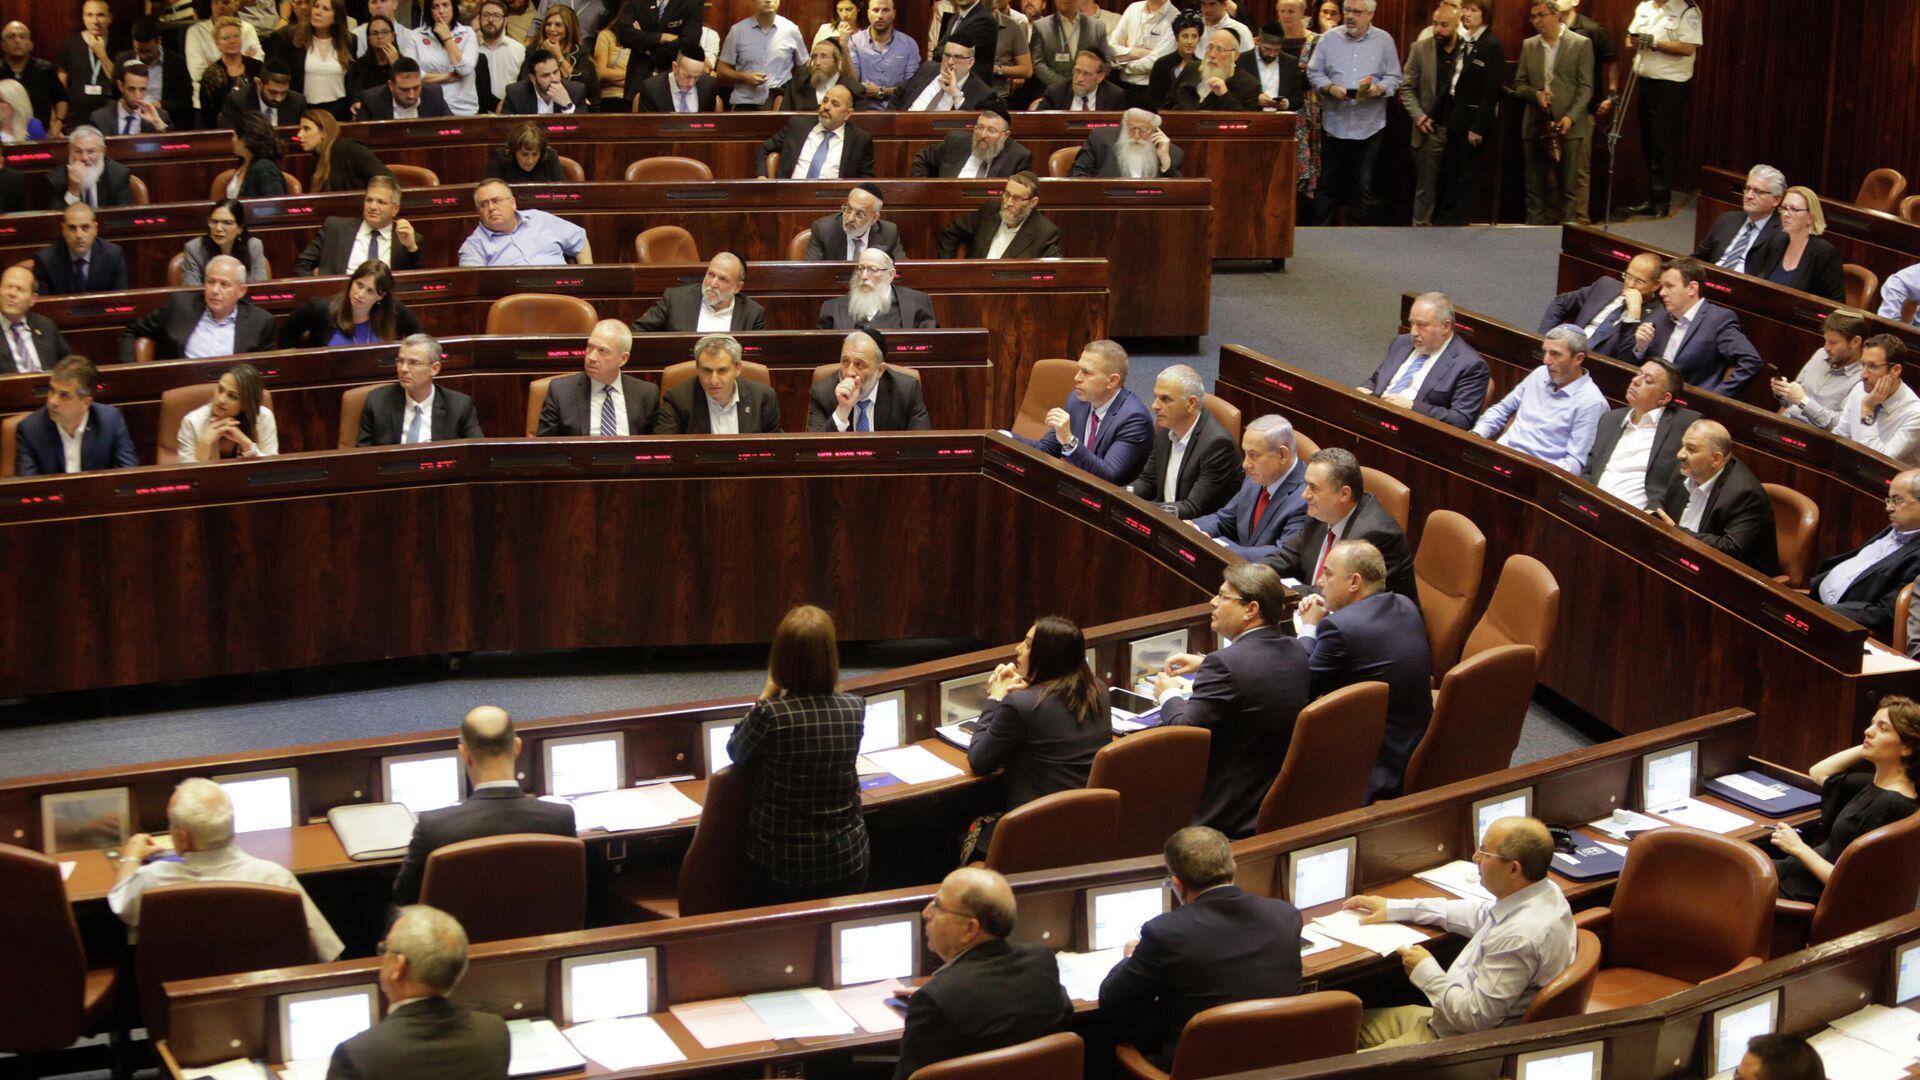 Министры и парламентарии Израиля перед голосованием в Кнессете. 29 мая 2019  - РИА Новости, 1920, 13.06.2021